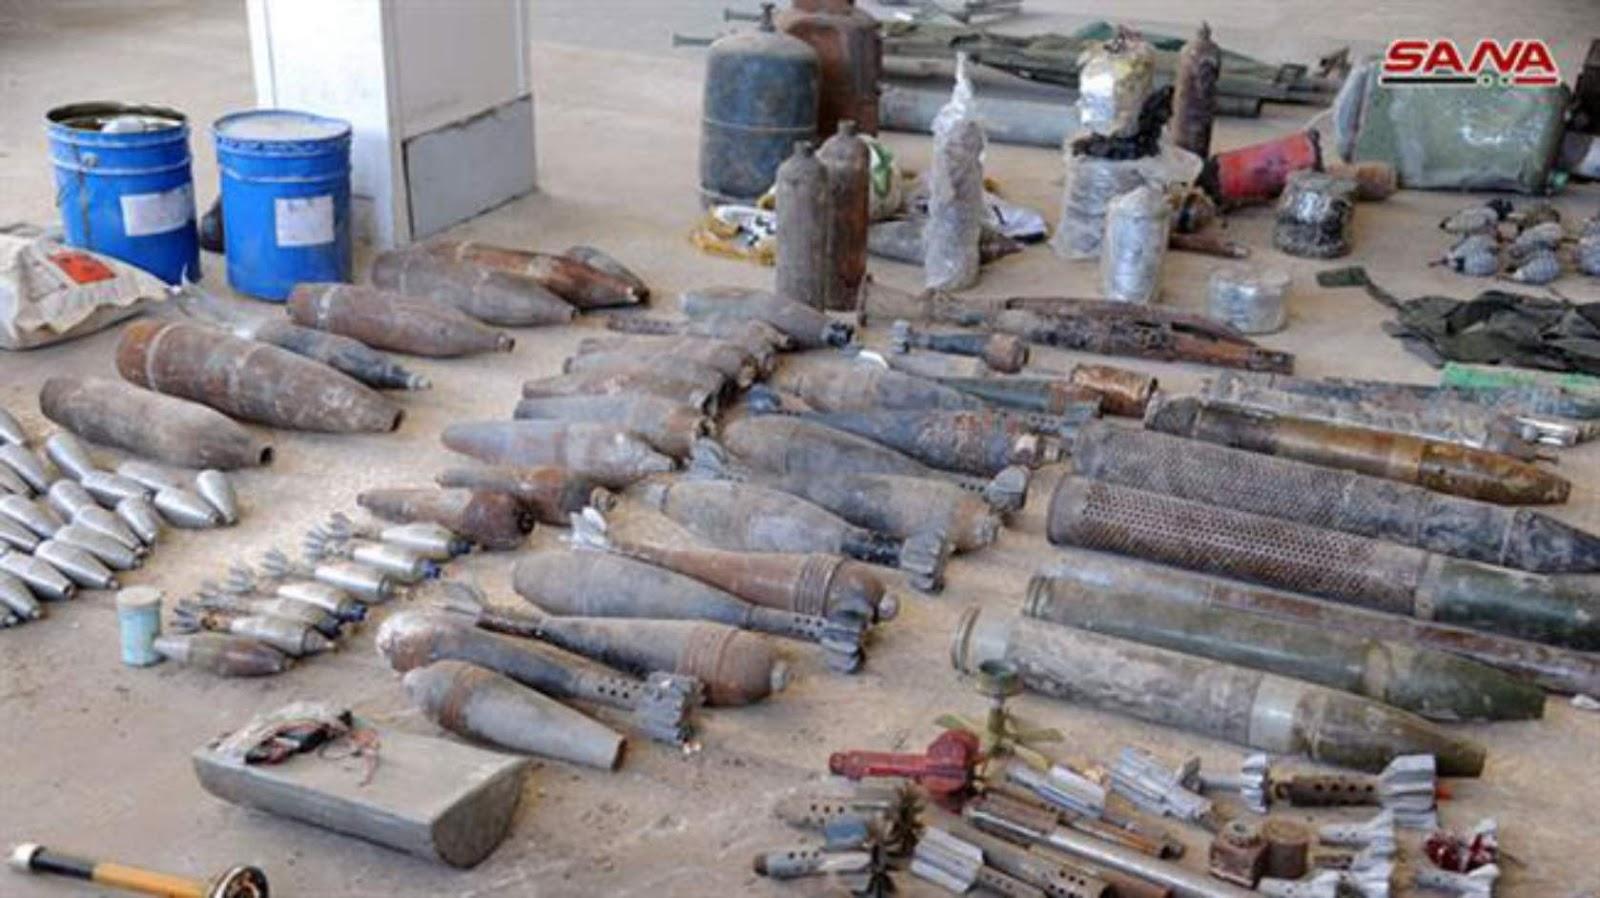 Pasukan pemerintah Suriah menemukan bom, granat buatan Israel dekat Damaskus